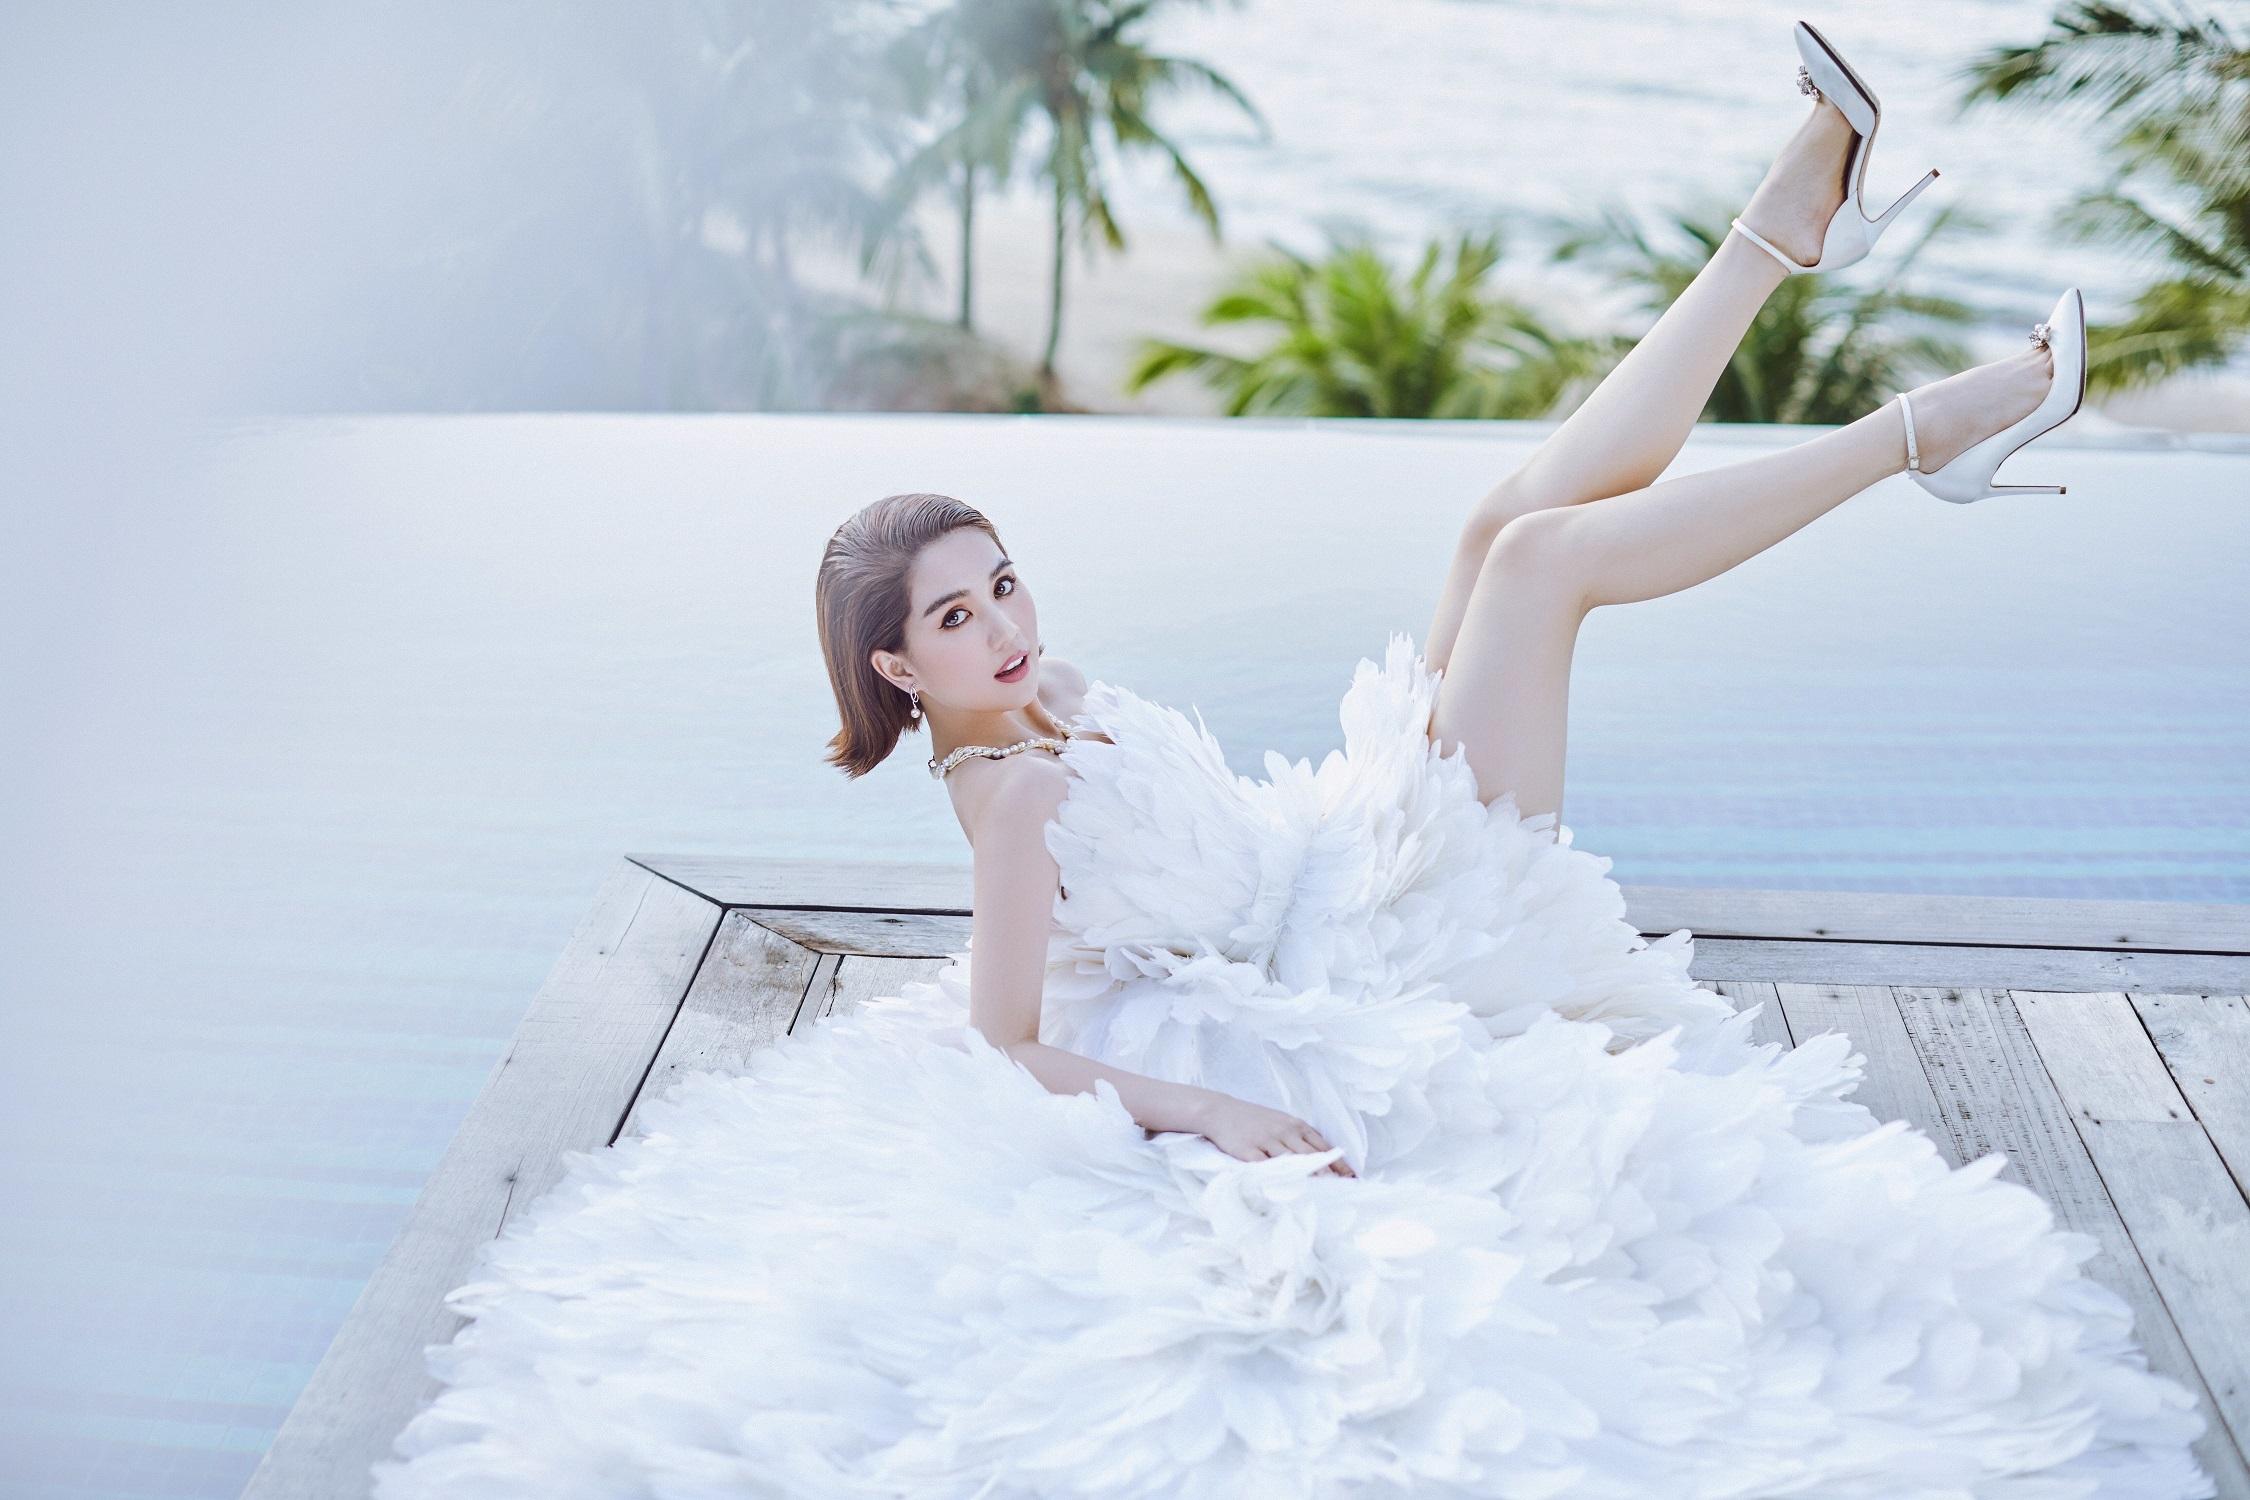 Ngọc Trinh diện váy xẻ sâu, khoe vòng một táo bạo